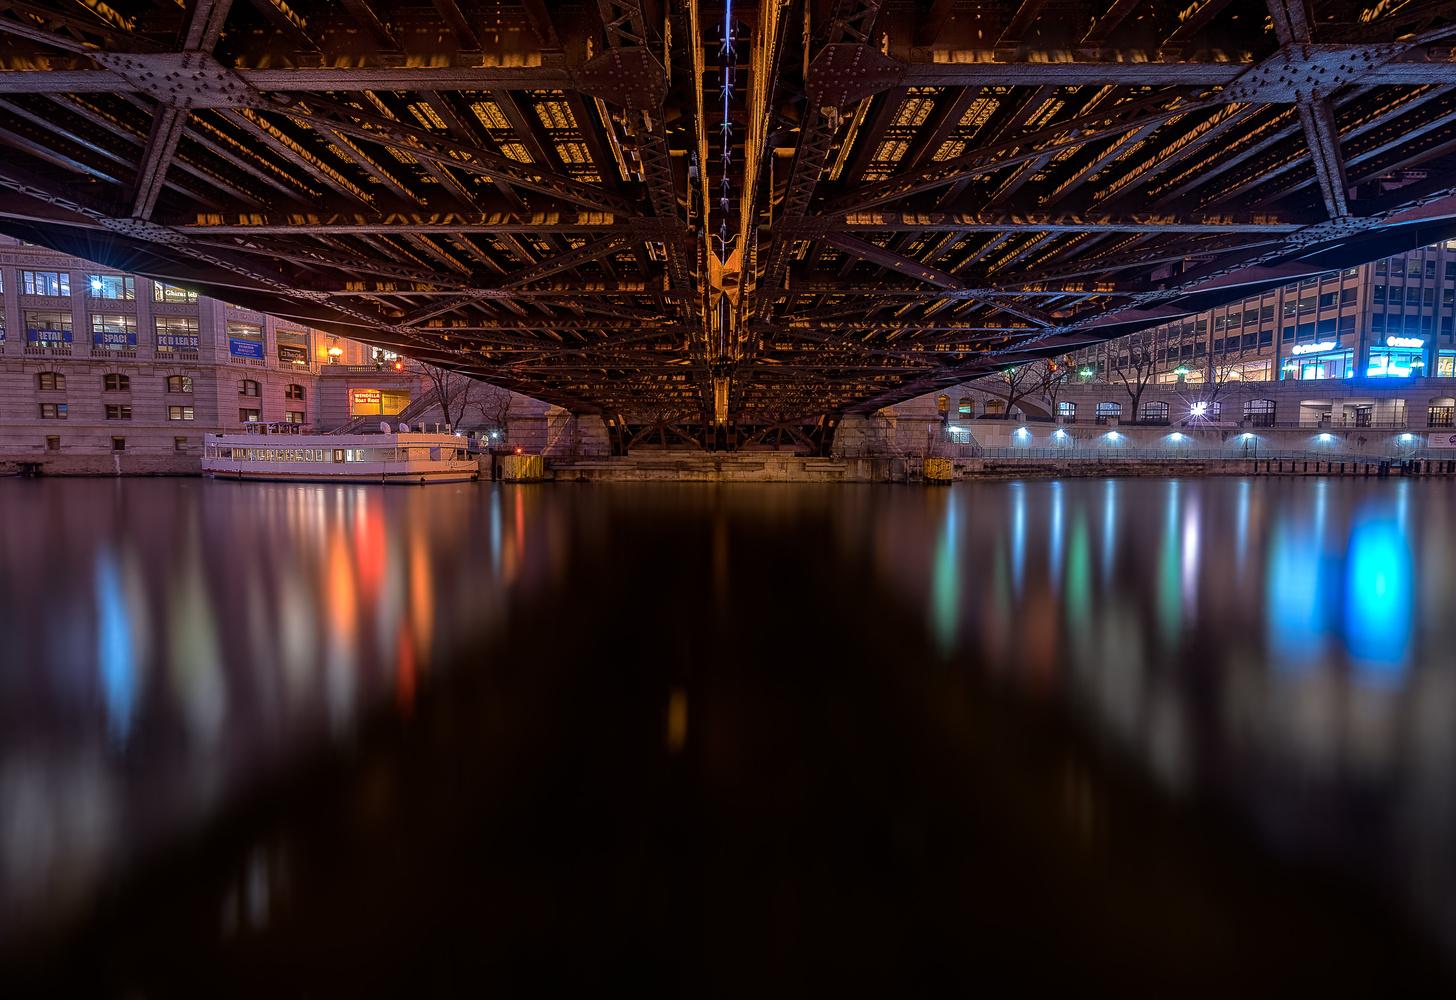 The Bridge by Brad Jones